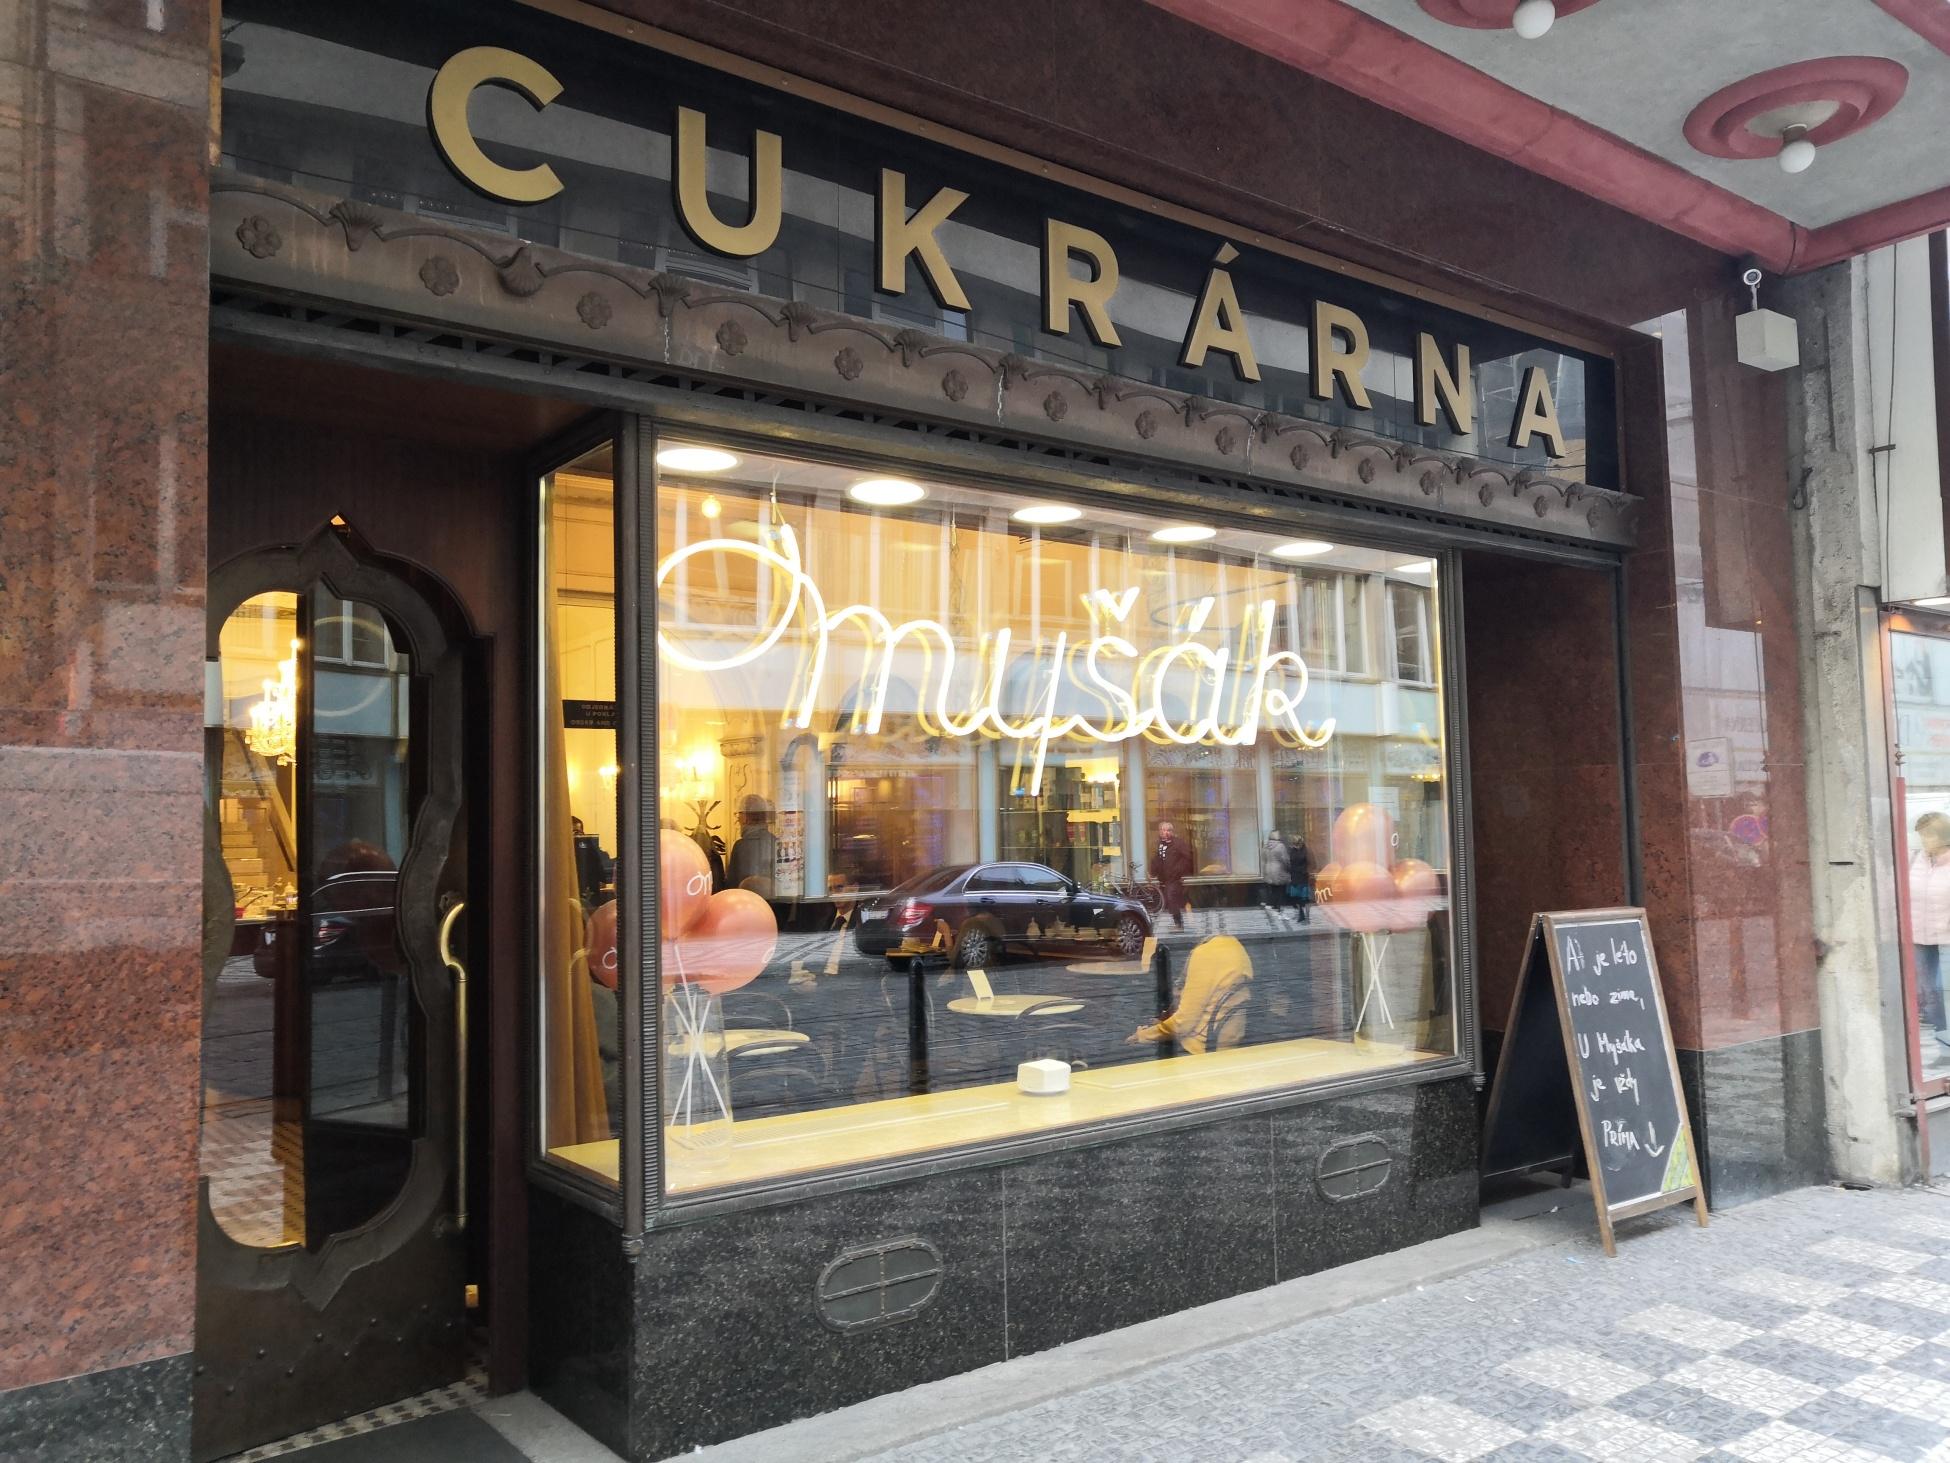 nejlepší kavárny, hodnocení kaváren, cukrárna myšák